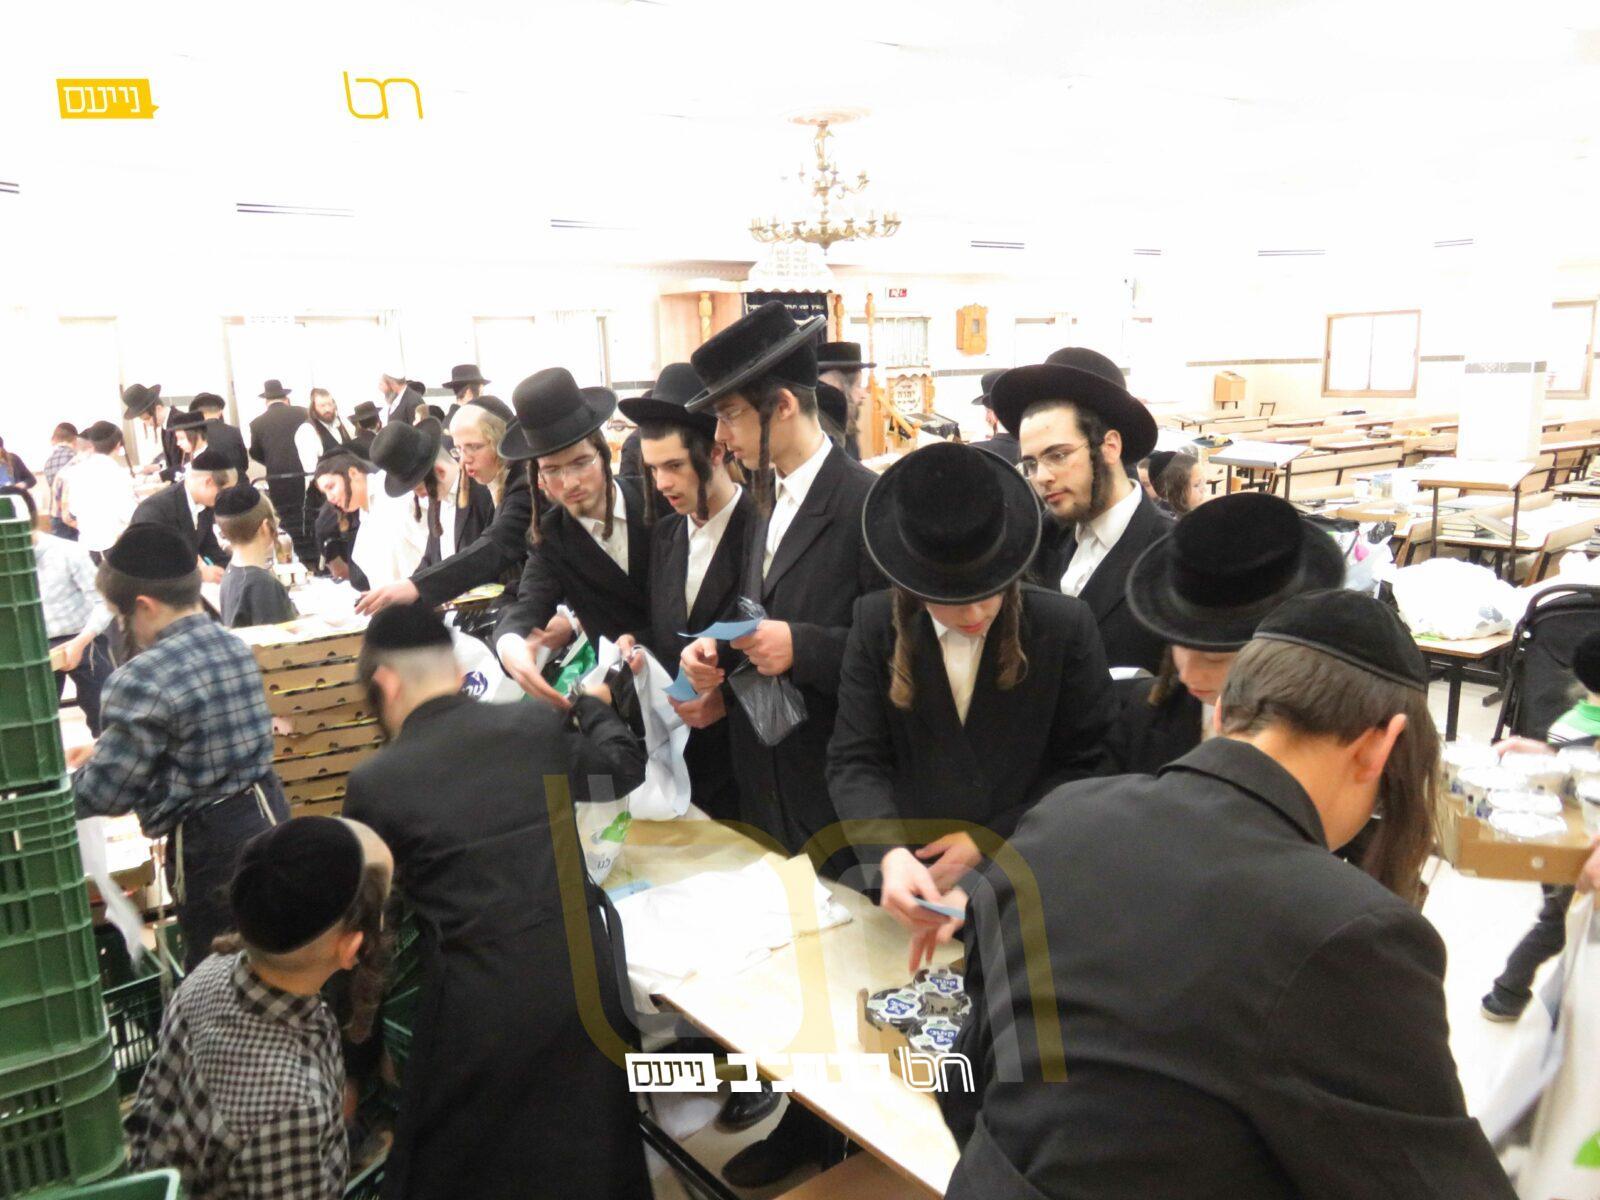 קִמְחָא דְפִּסְחָא • המשך החלוקה בבית הכנסת ברסלב 'נחלת חן'